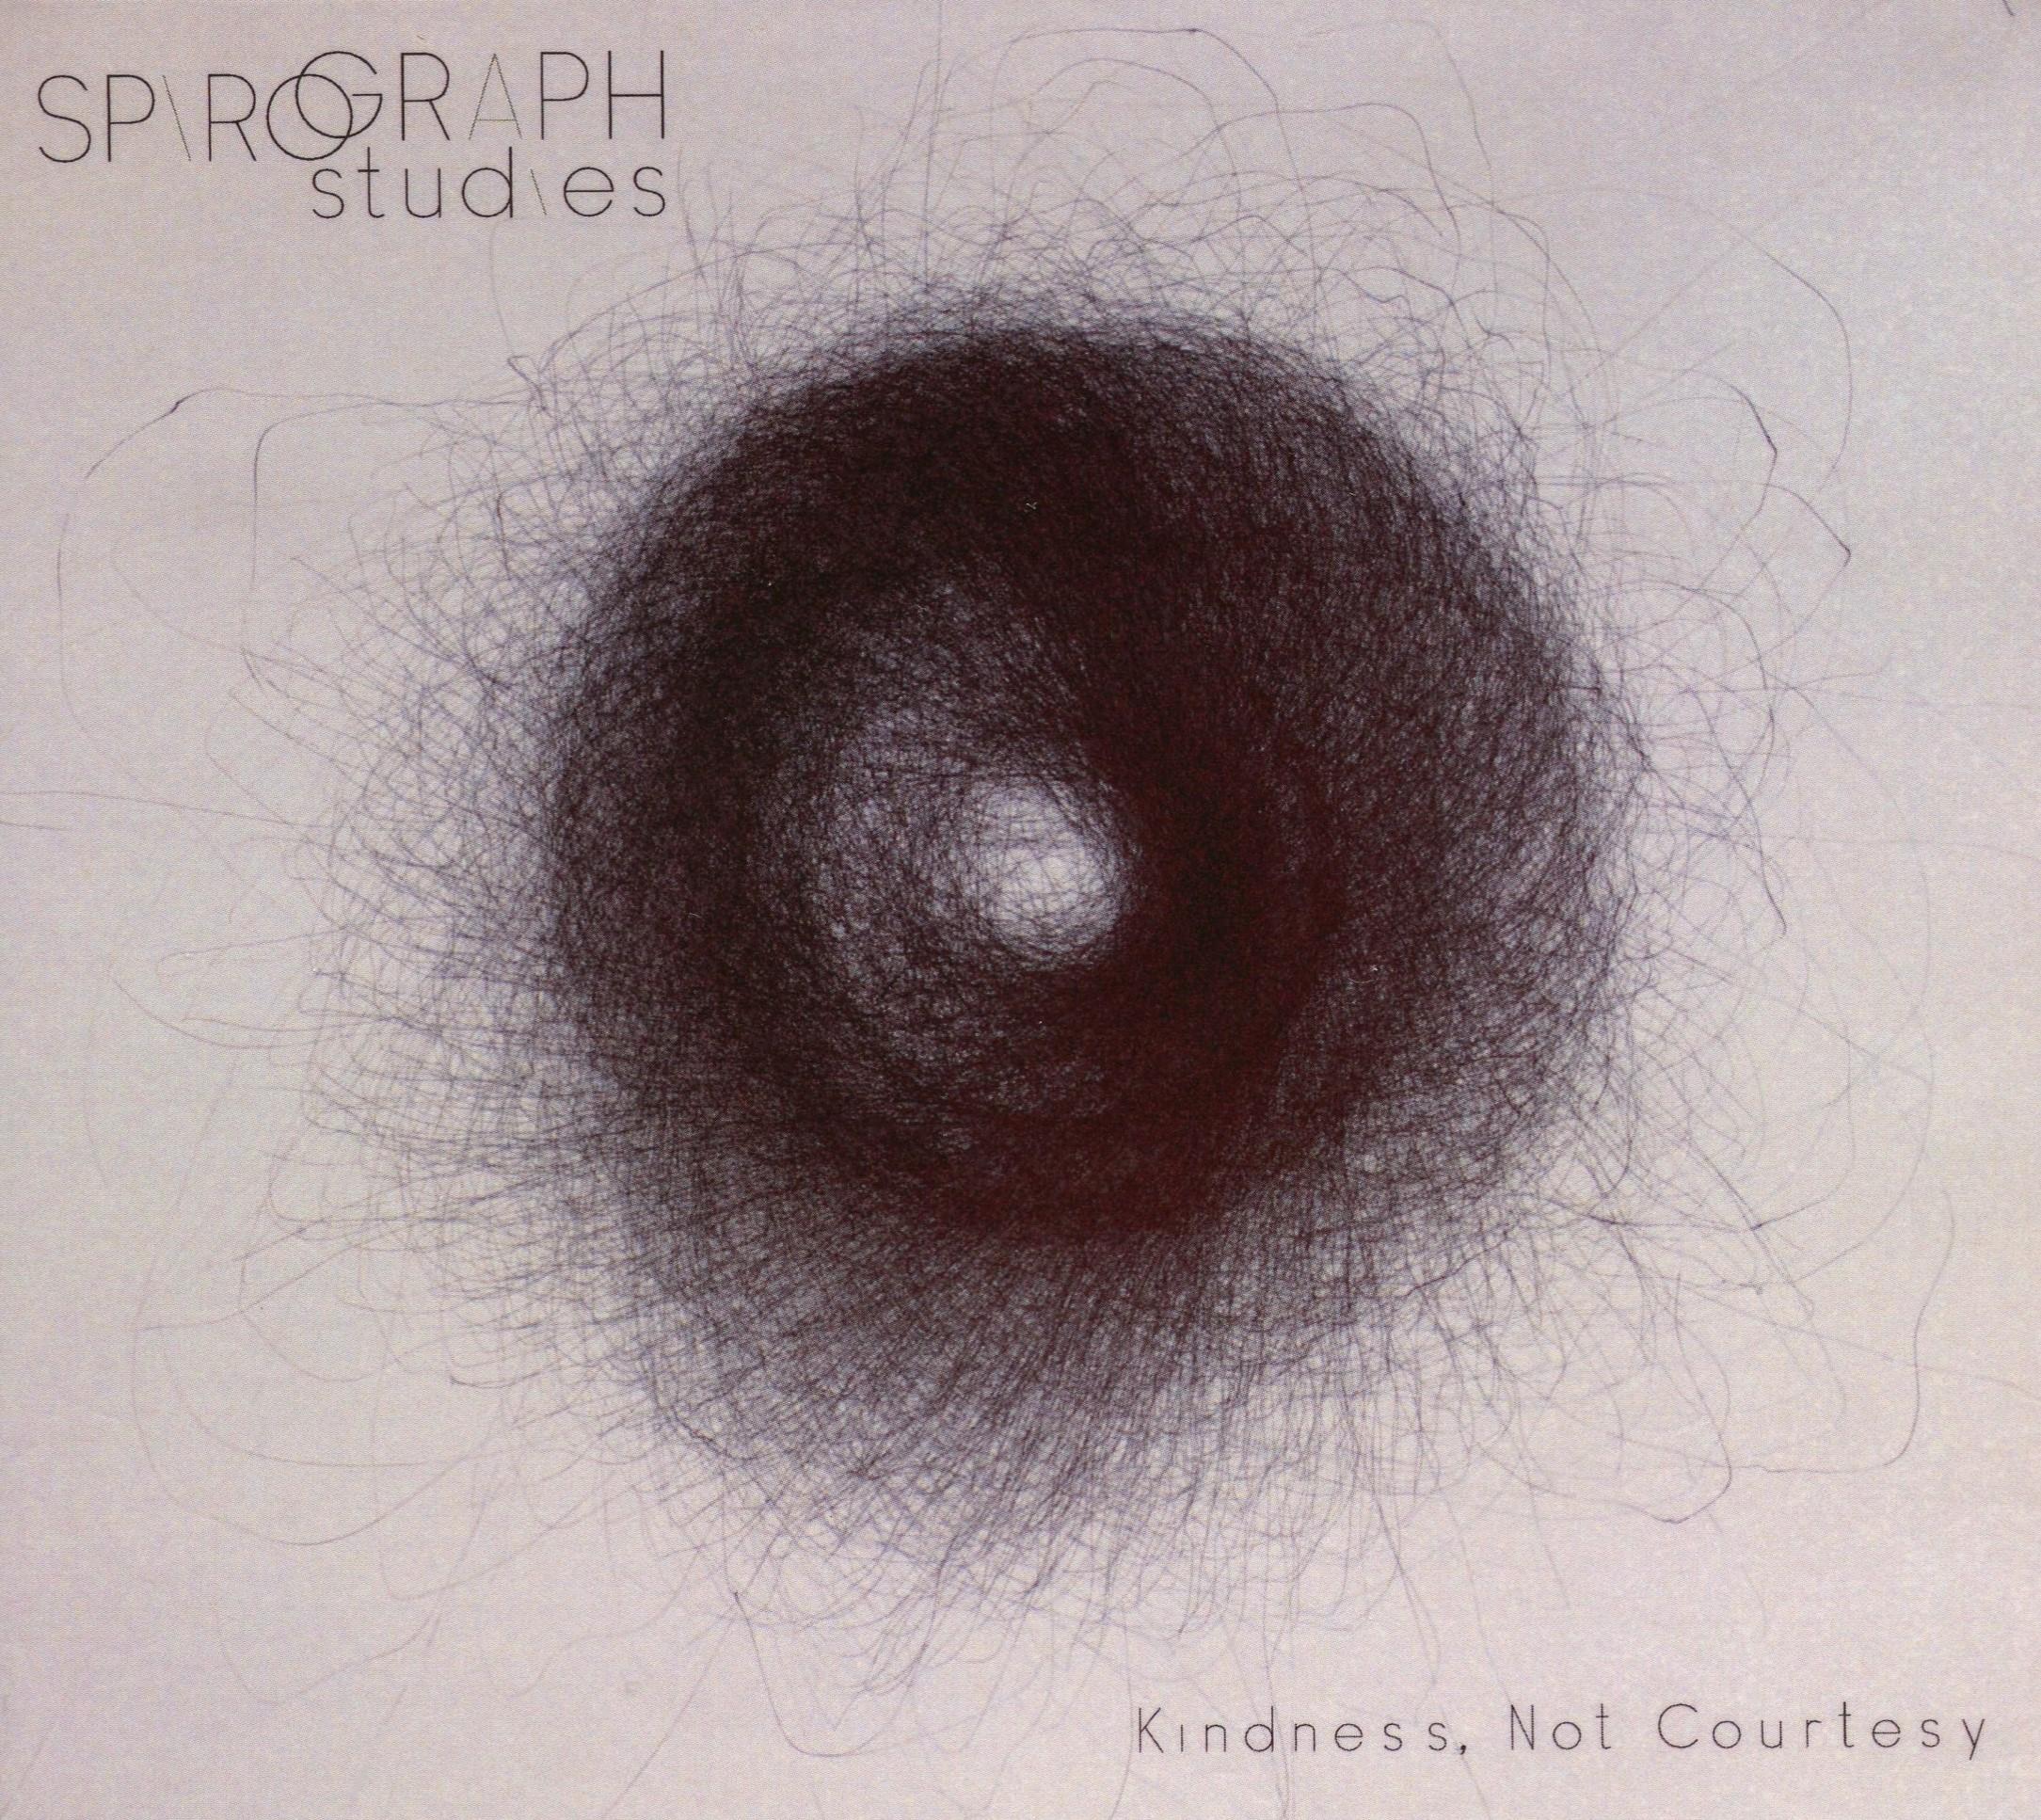 SpirographStudiesAlbumCover.jpg